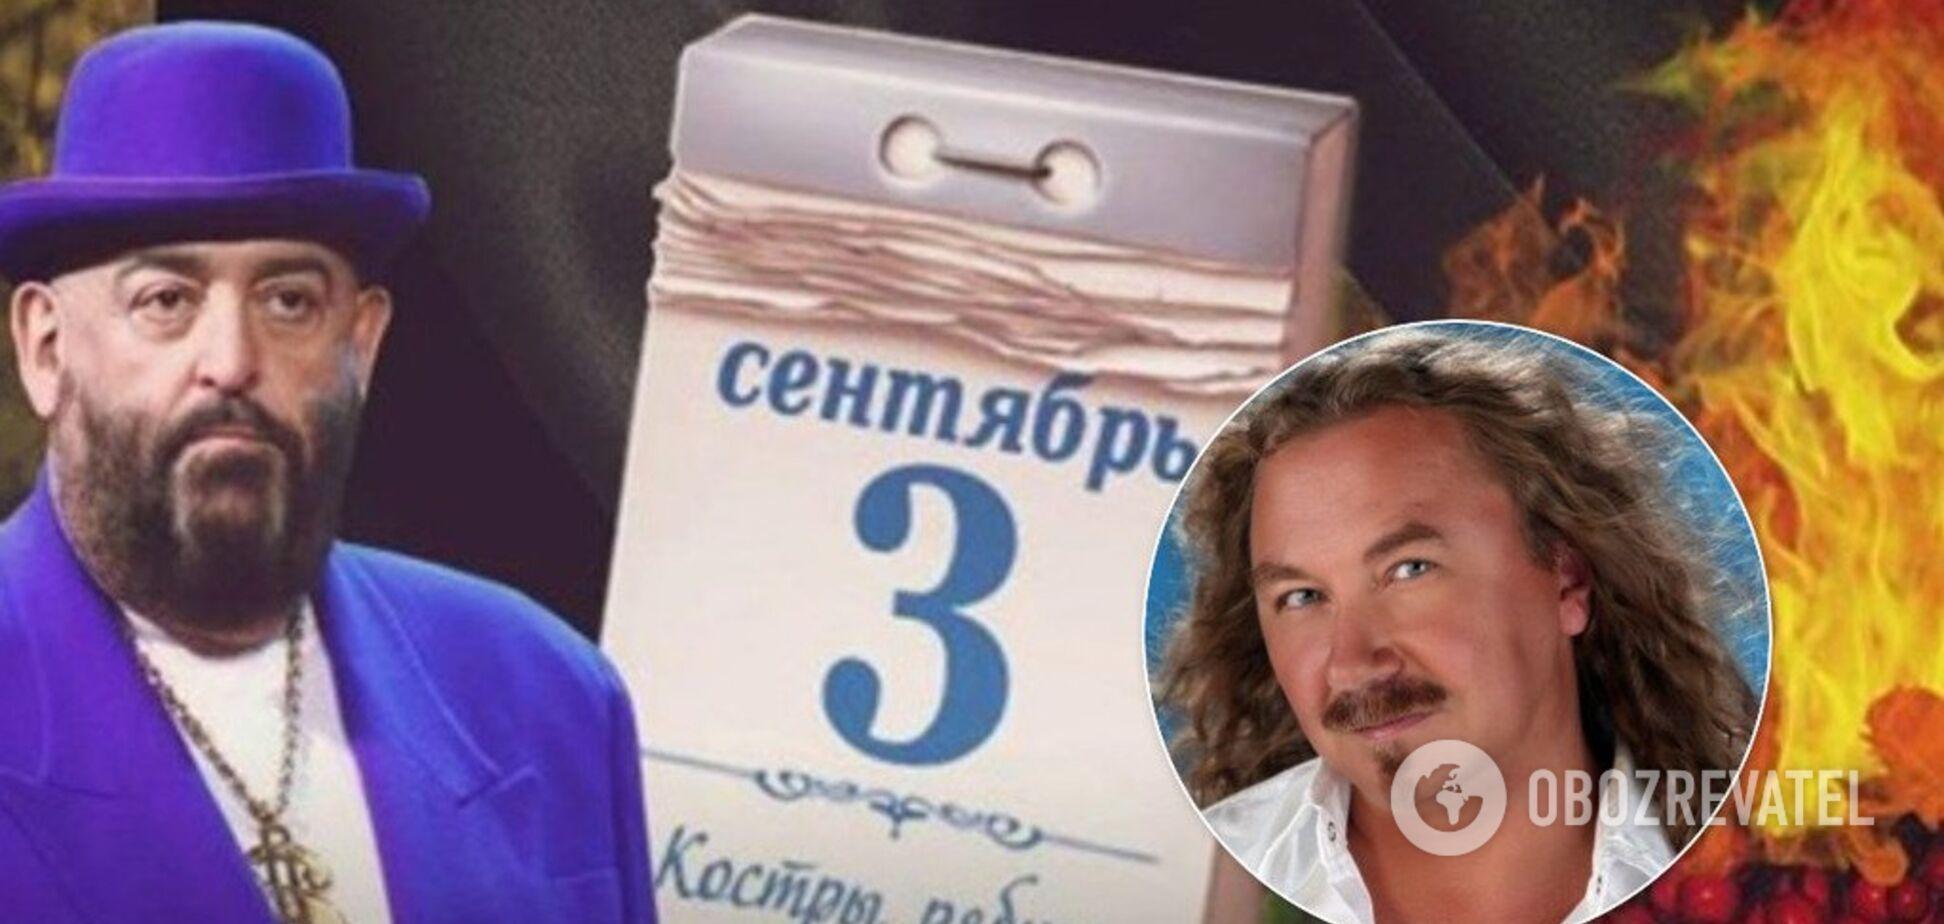 3 сентября Шуфутинского: автор песни раскрыл ее смысл